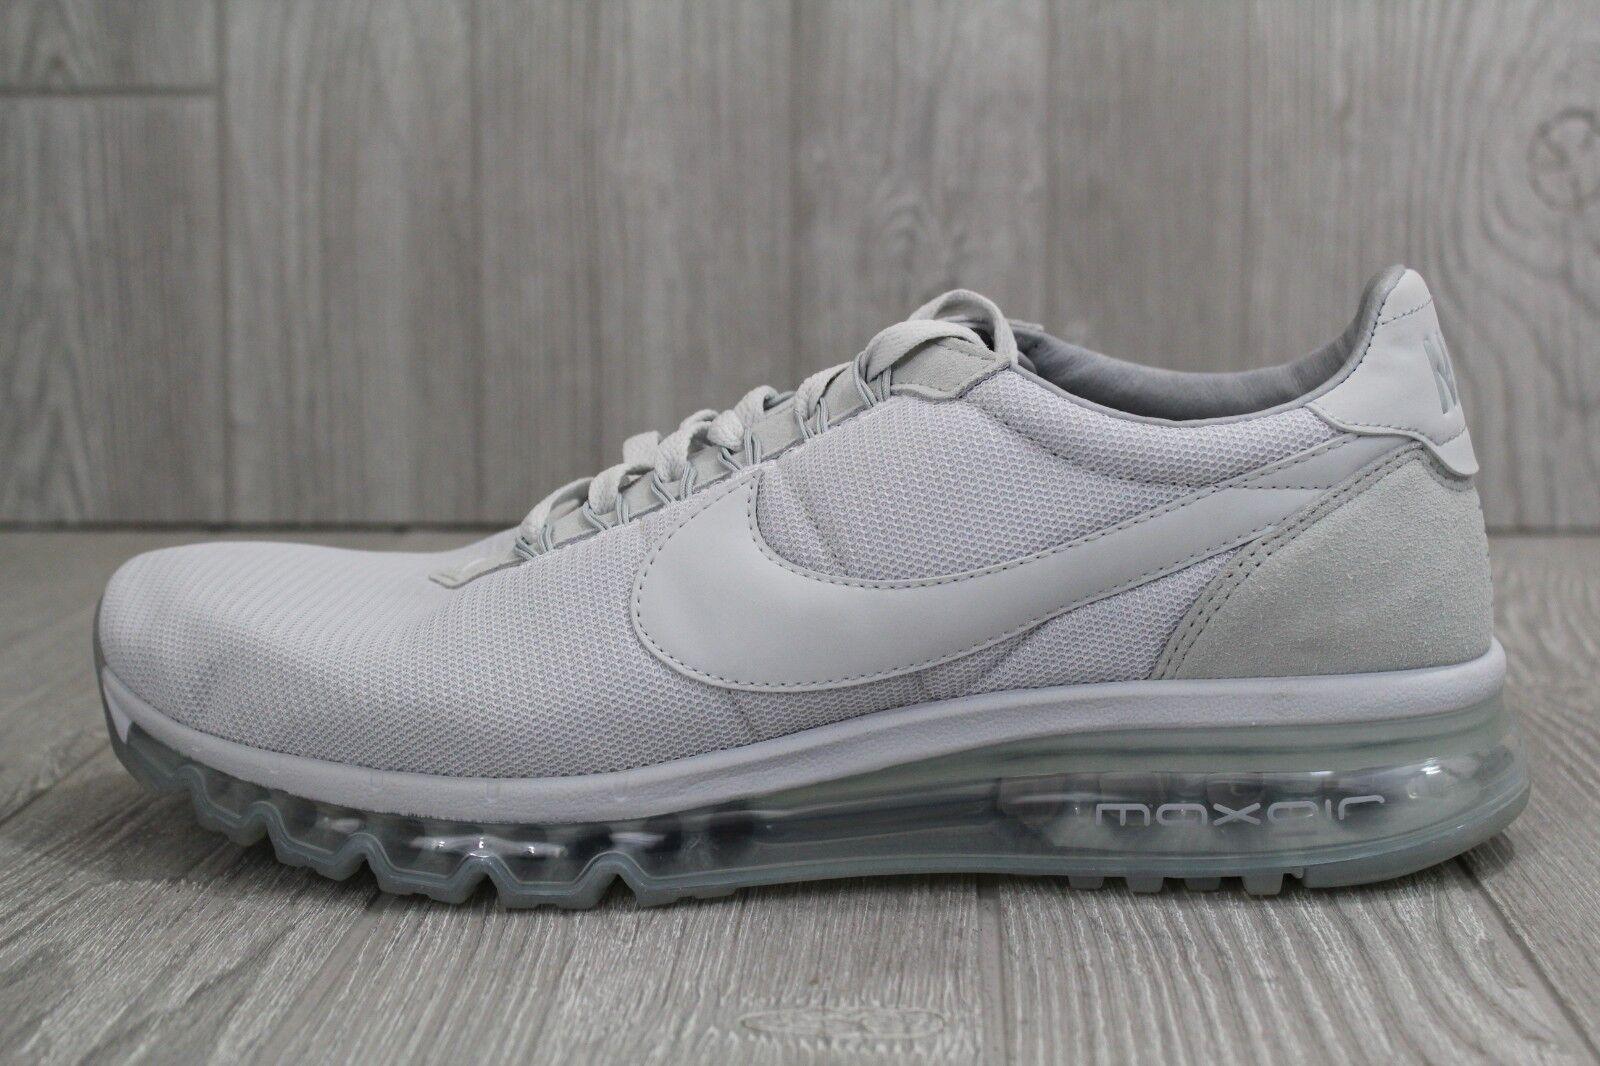 32 nouvelles nike de chaussures de course 848624-004 ld air max ld 848624-004 zéro platine 13 43e5ae